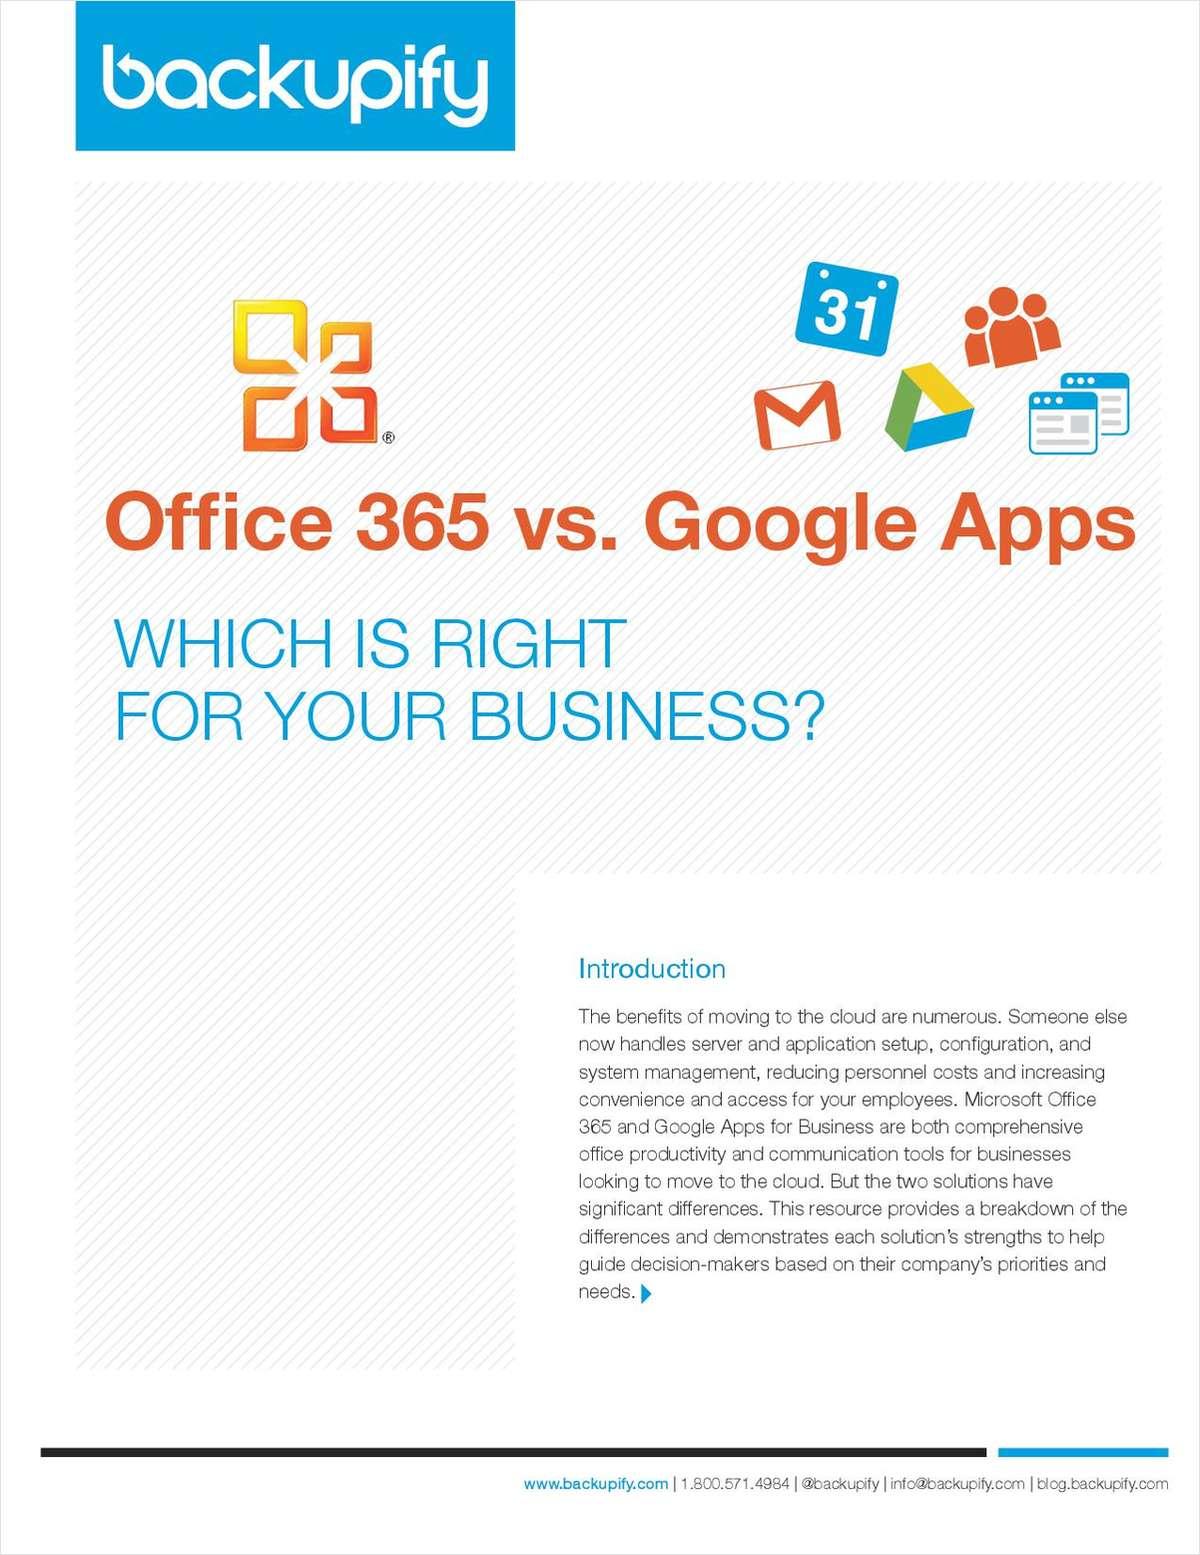 Office 365 vs Google Apps